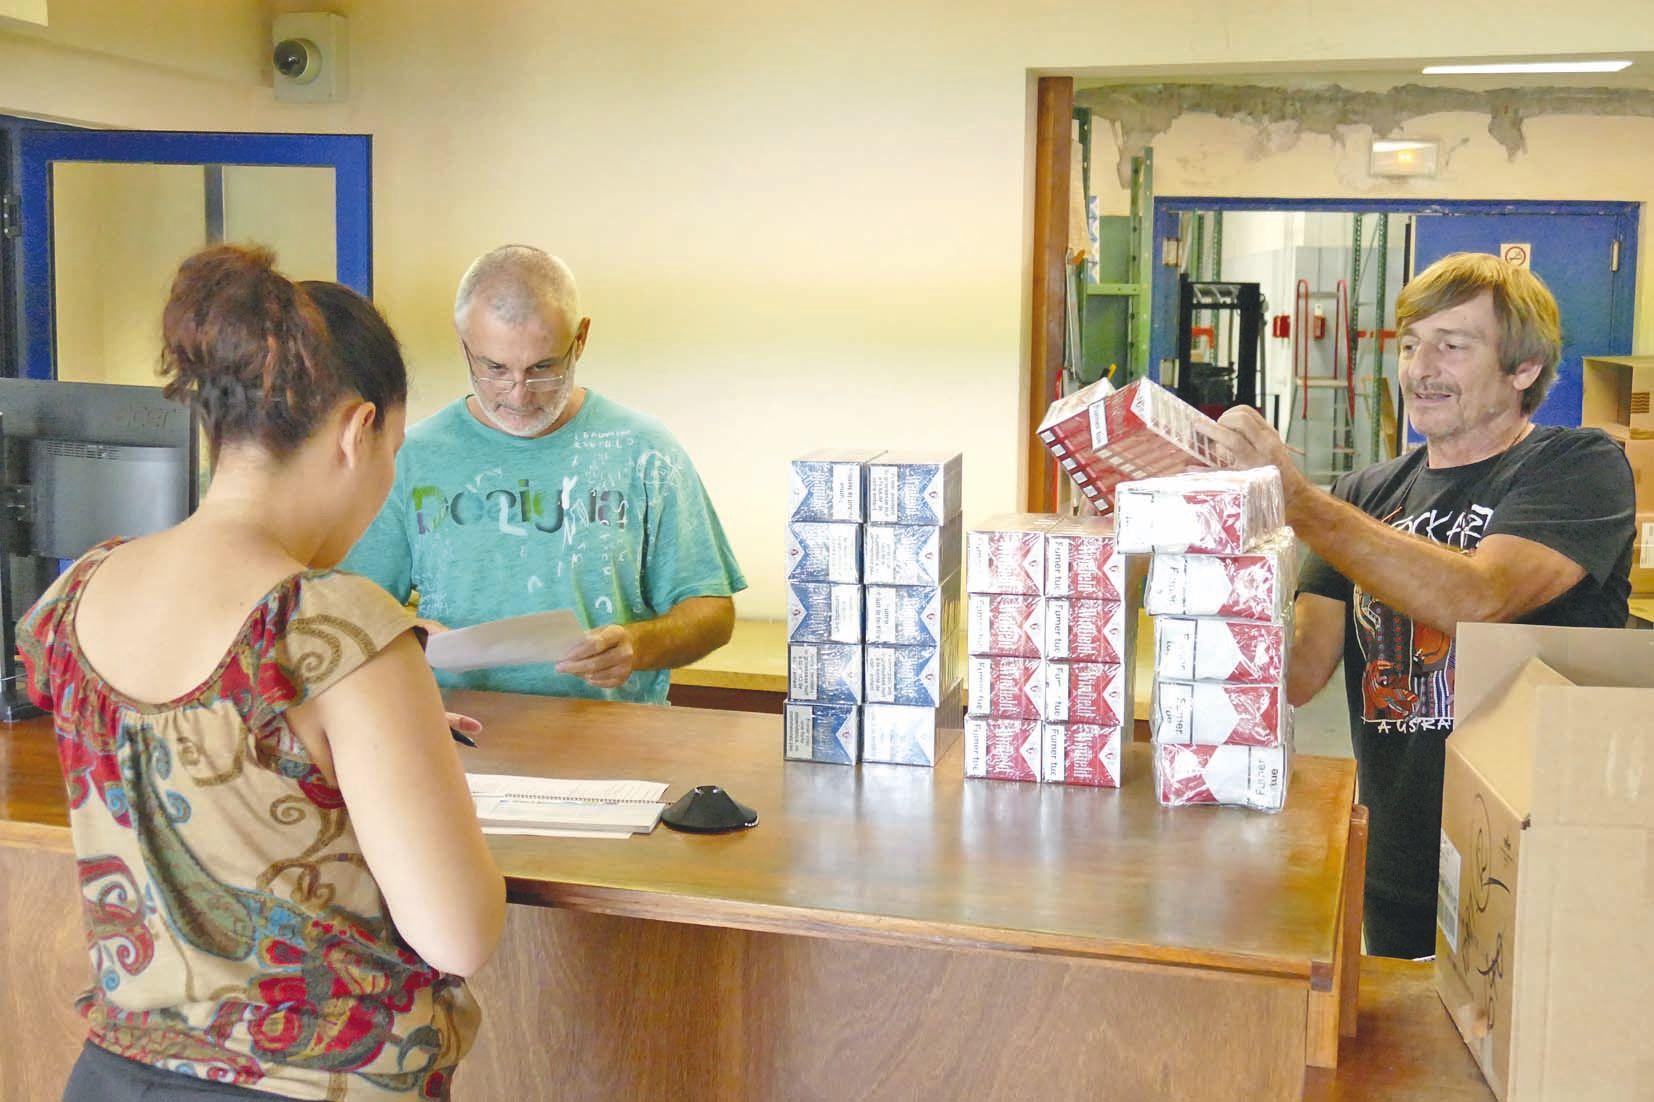 Iviolla, gérante de la station Total de Thio, achète toujours à Nouville. « Je viens à Nouméa de temps en temps de toute façon, et c'est moins cher que de passer par les grossistes ». Pierre Emery (à g.), chef de la régie, vérifie la commande.